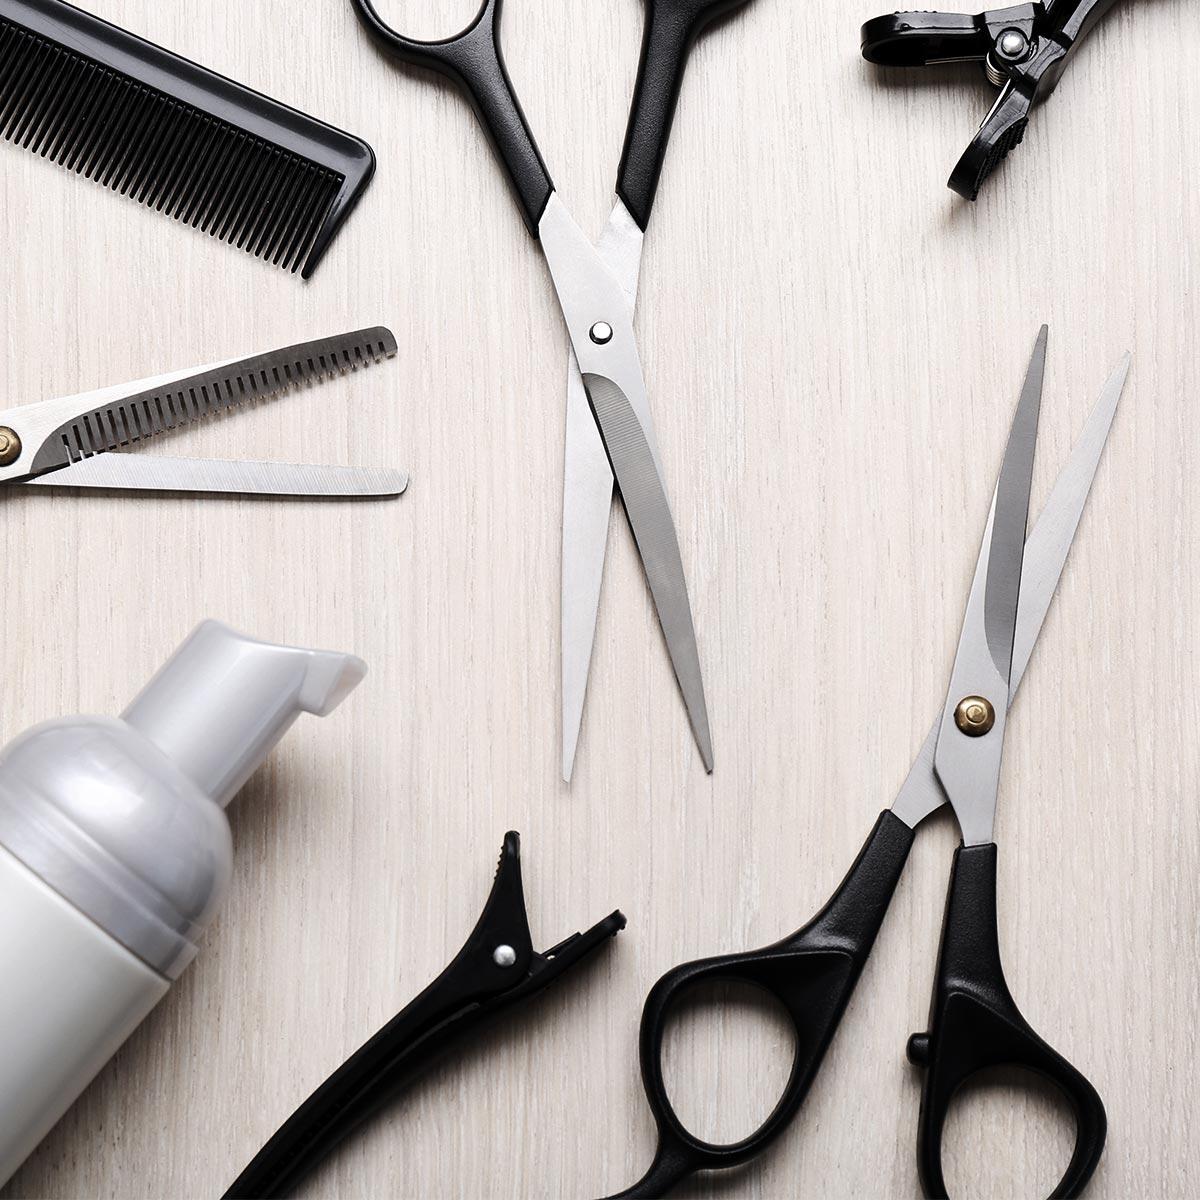 Friseur Handwerkzeuge auf einem Tisch